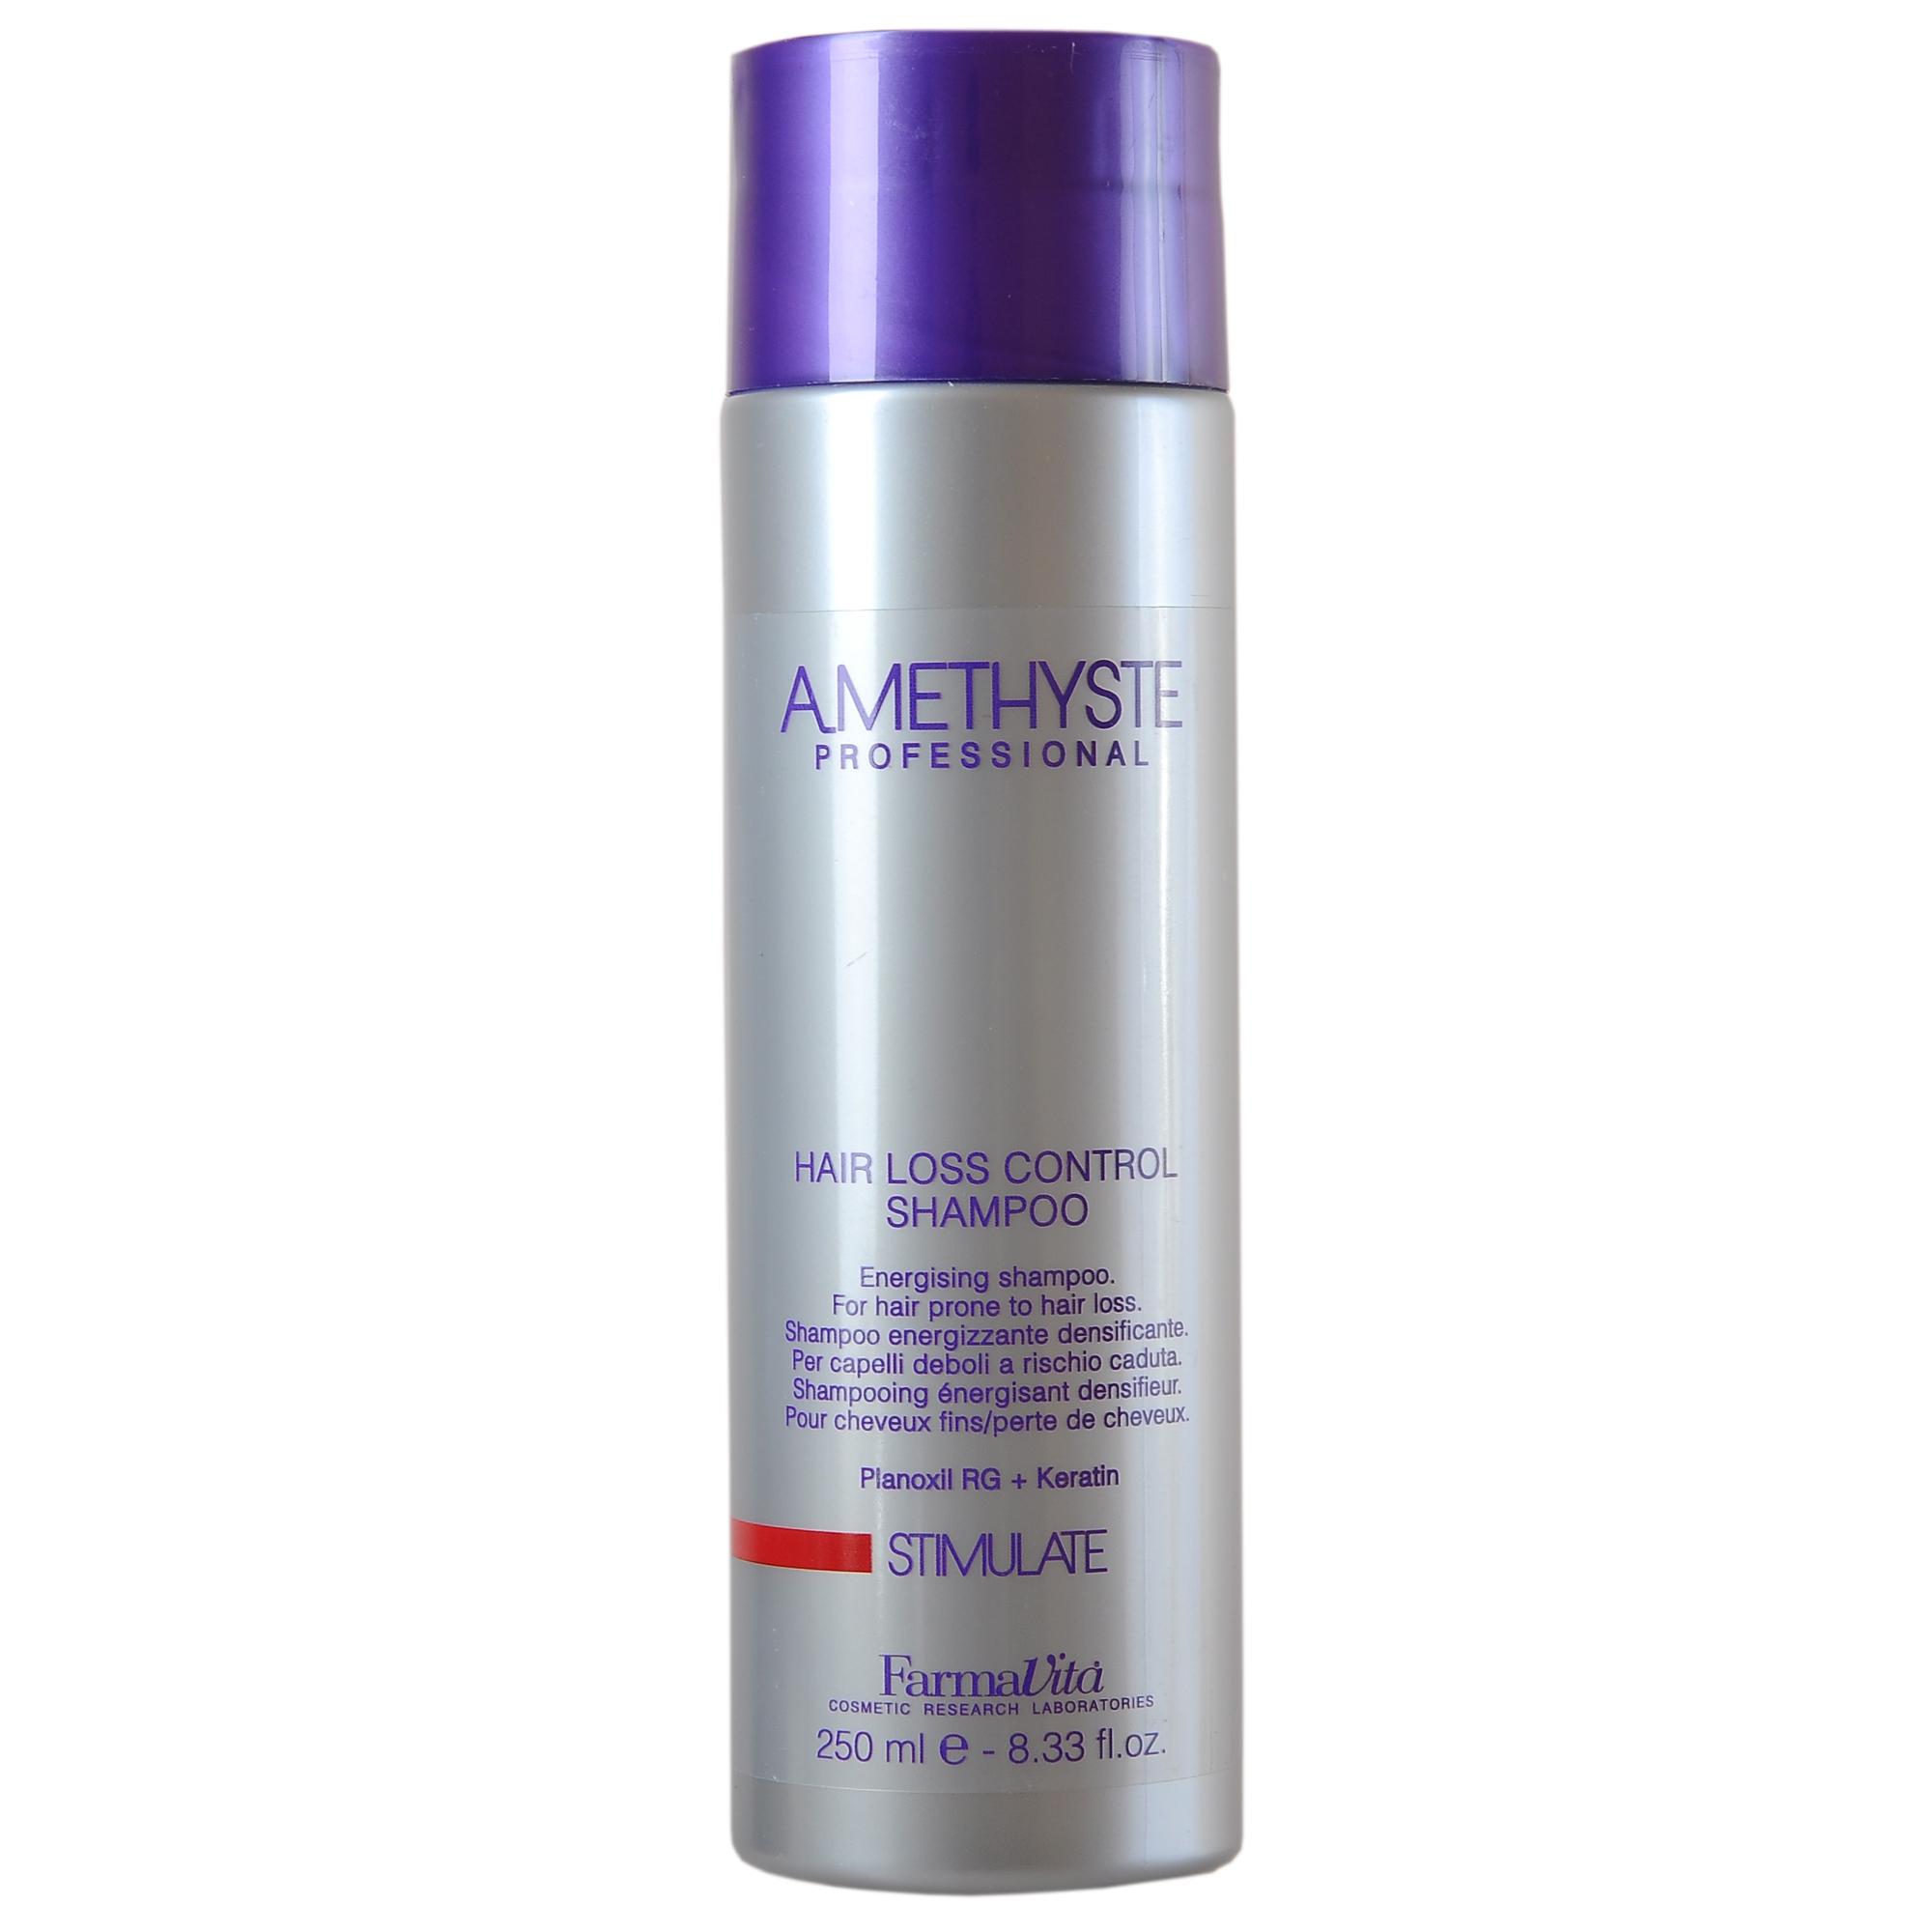 FARMAVITA Шампунь против выпадения волос Amethyste stimulate / AMETHYSTE PROFESSIONAL 250 мл